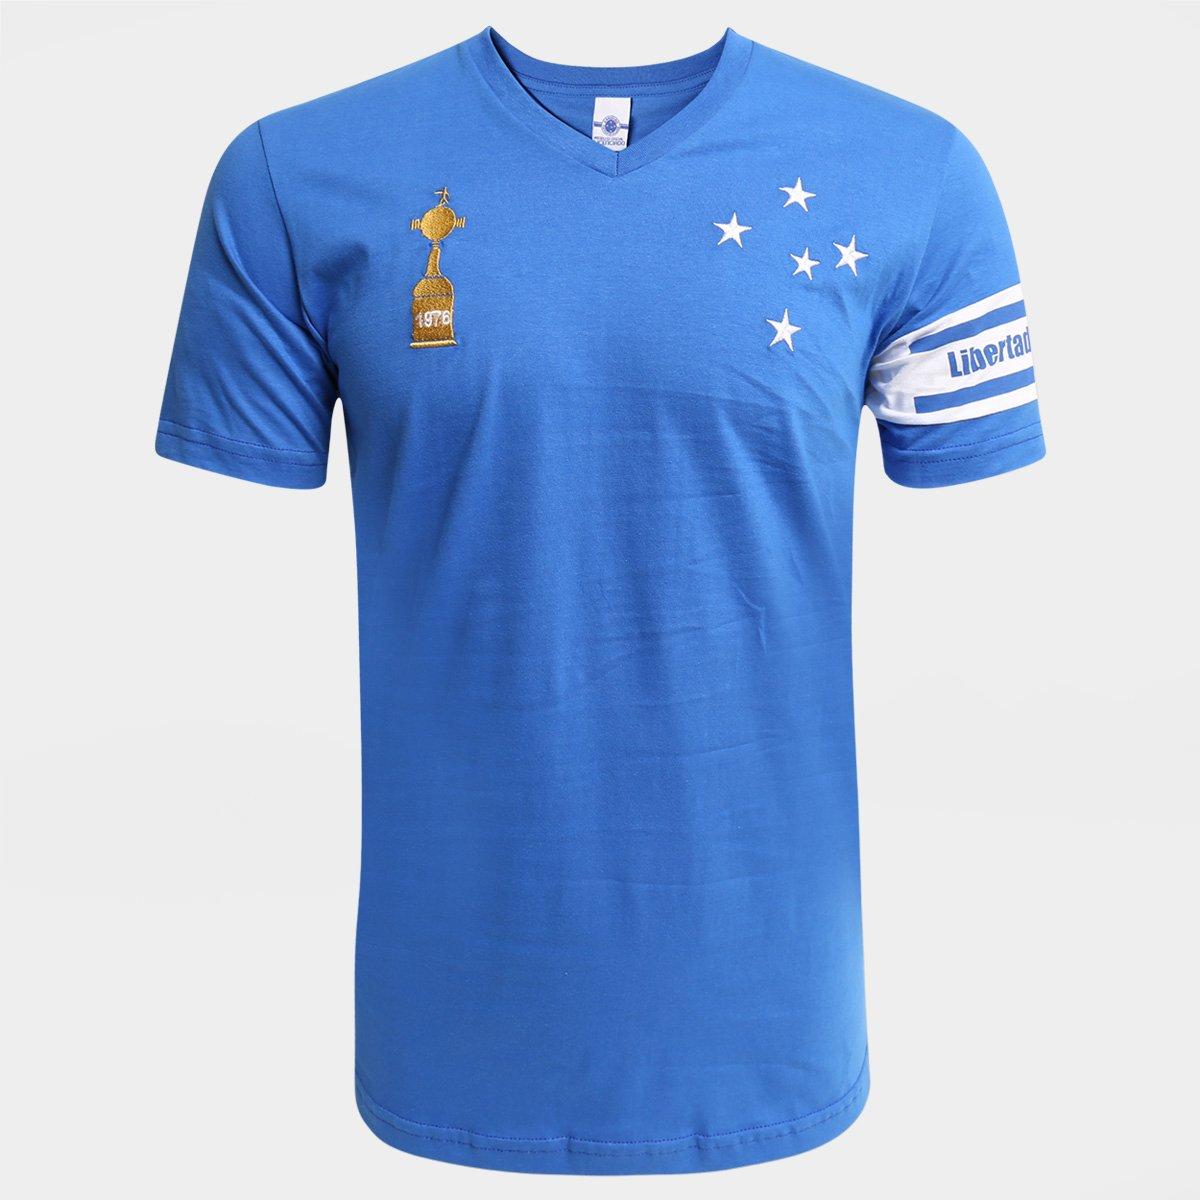 Camisa Cruzeiro Libertadores 1976 - Masculino